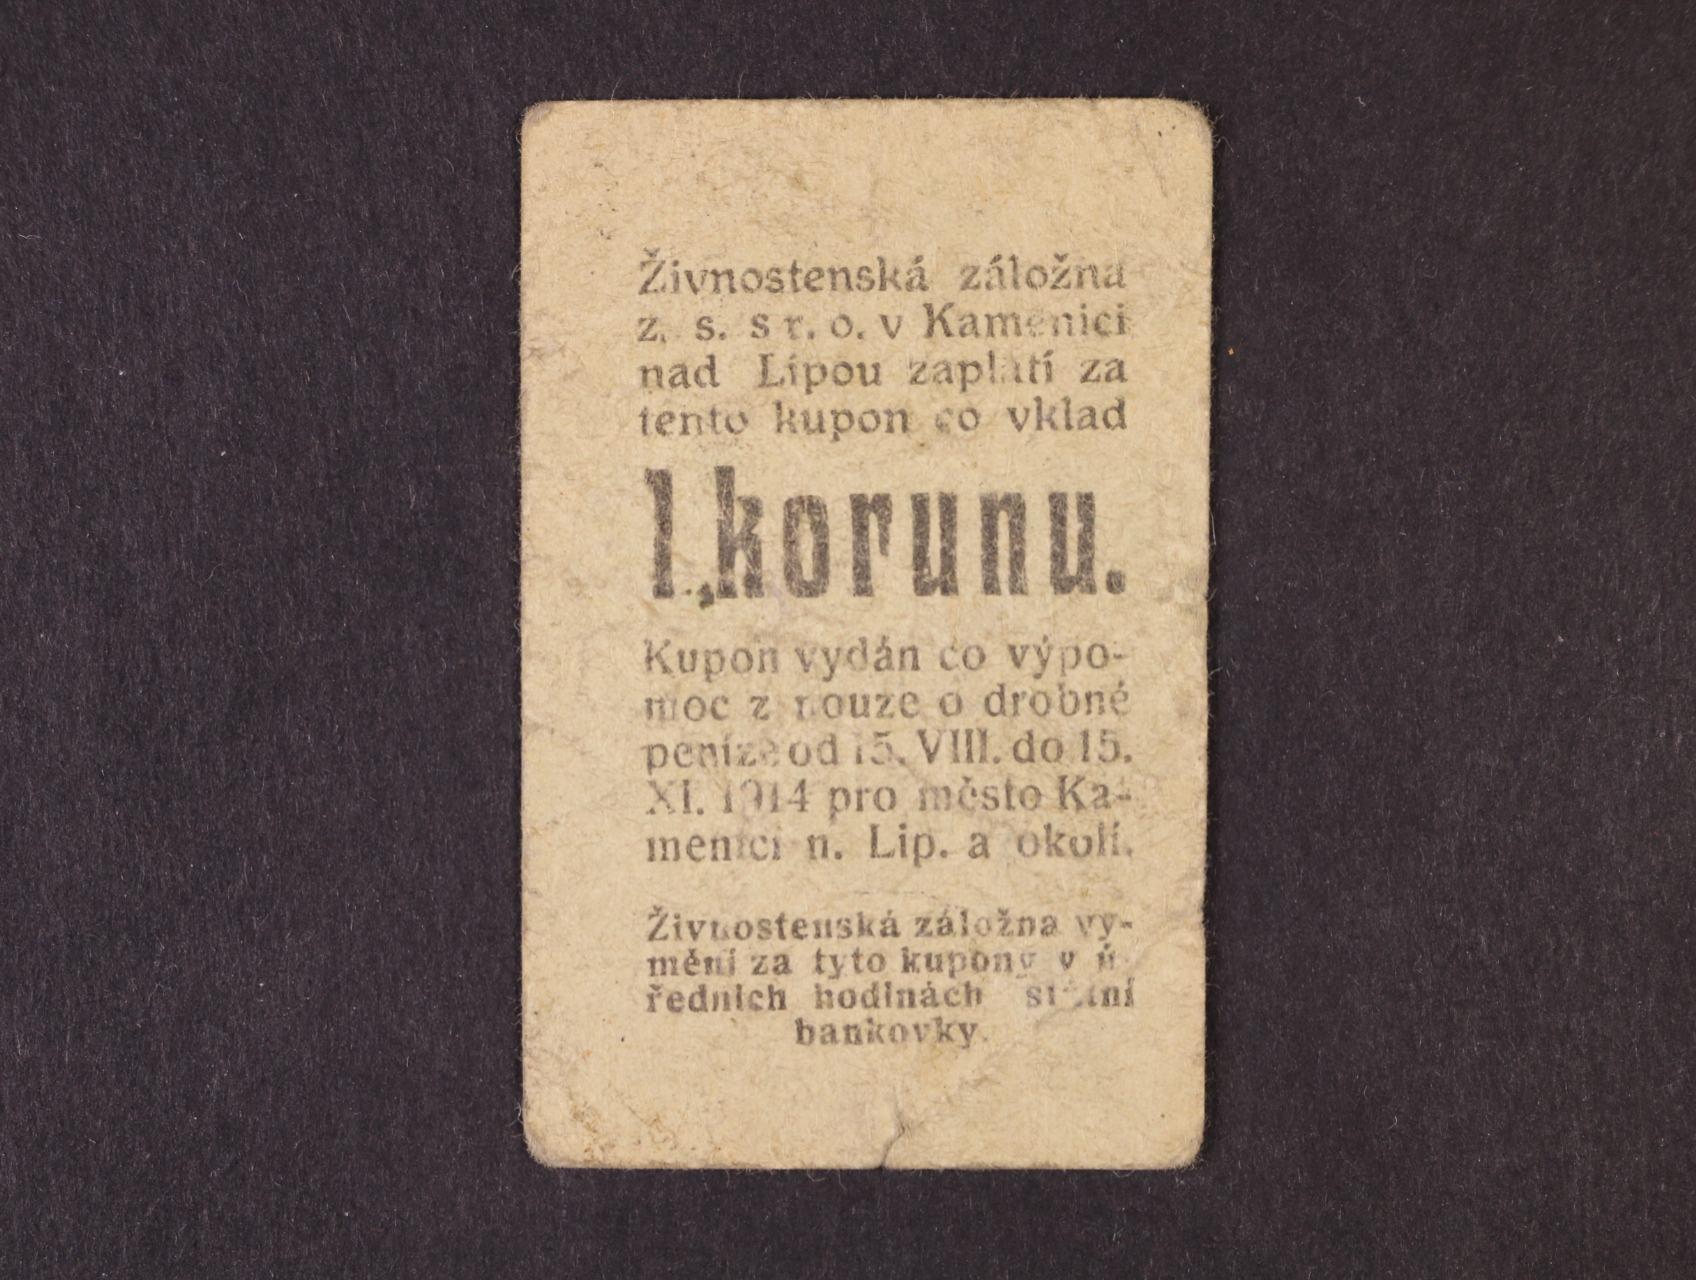 Kamenice nad Lipou, 1 K 15.8.1914 série 1313 Živnostenská záložna, D.H. 91.1.1